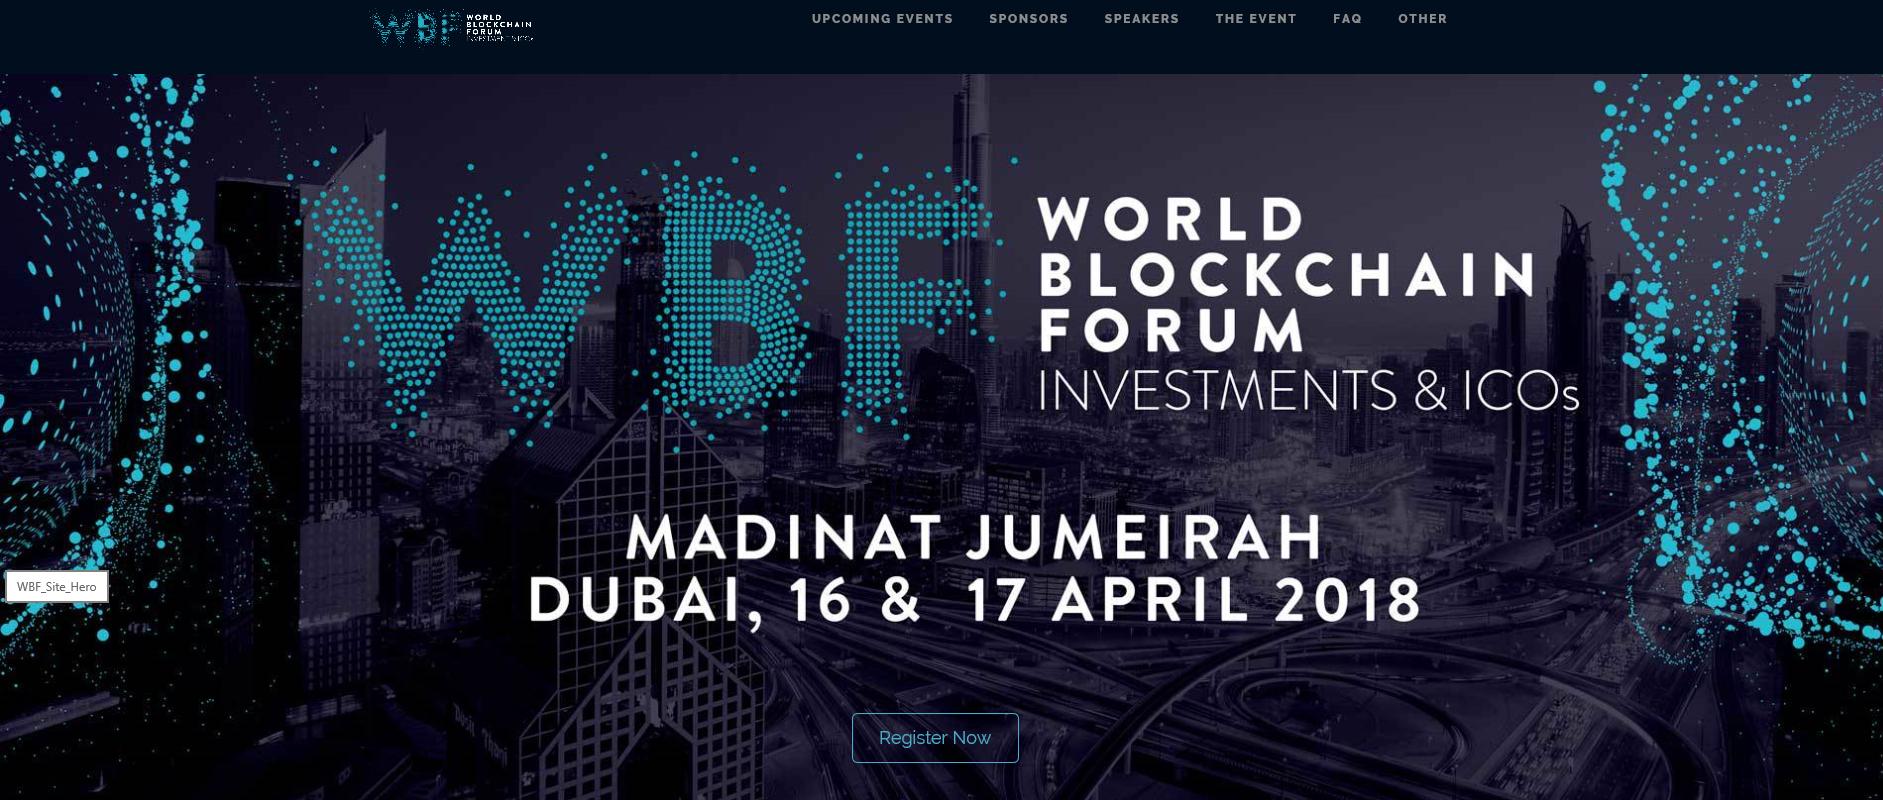 world blockchain forum.